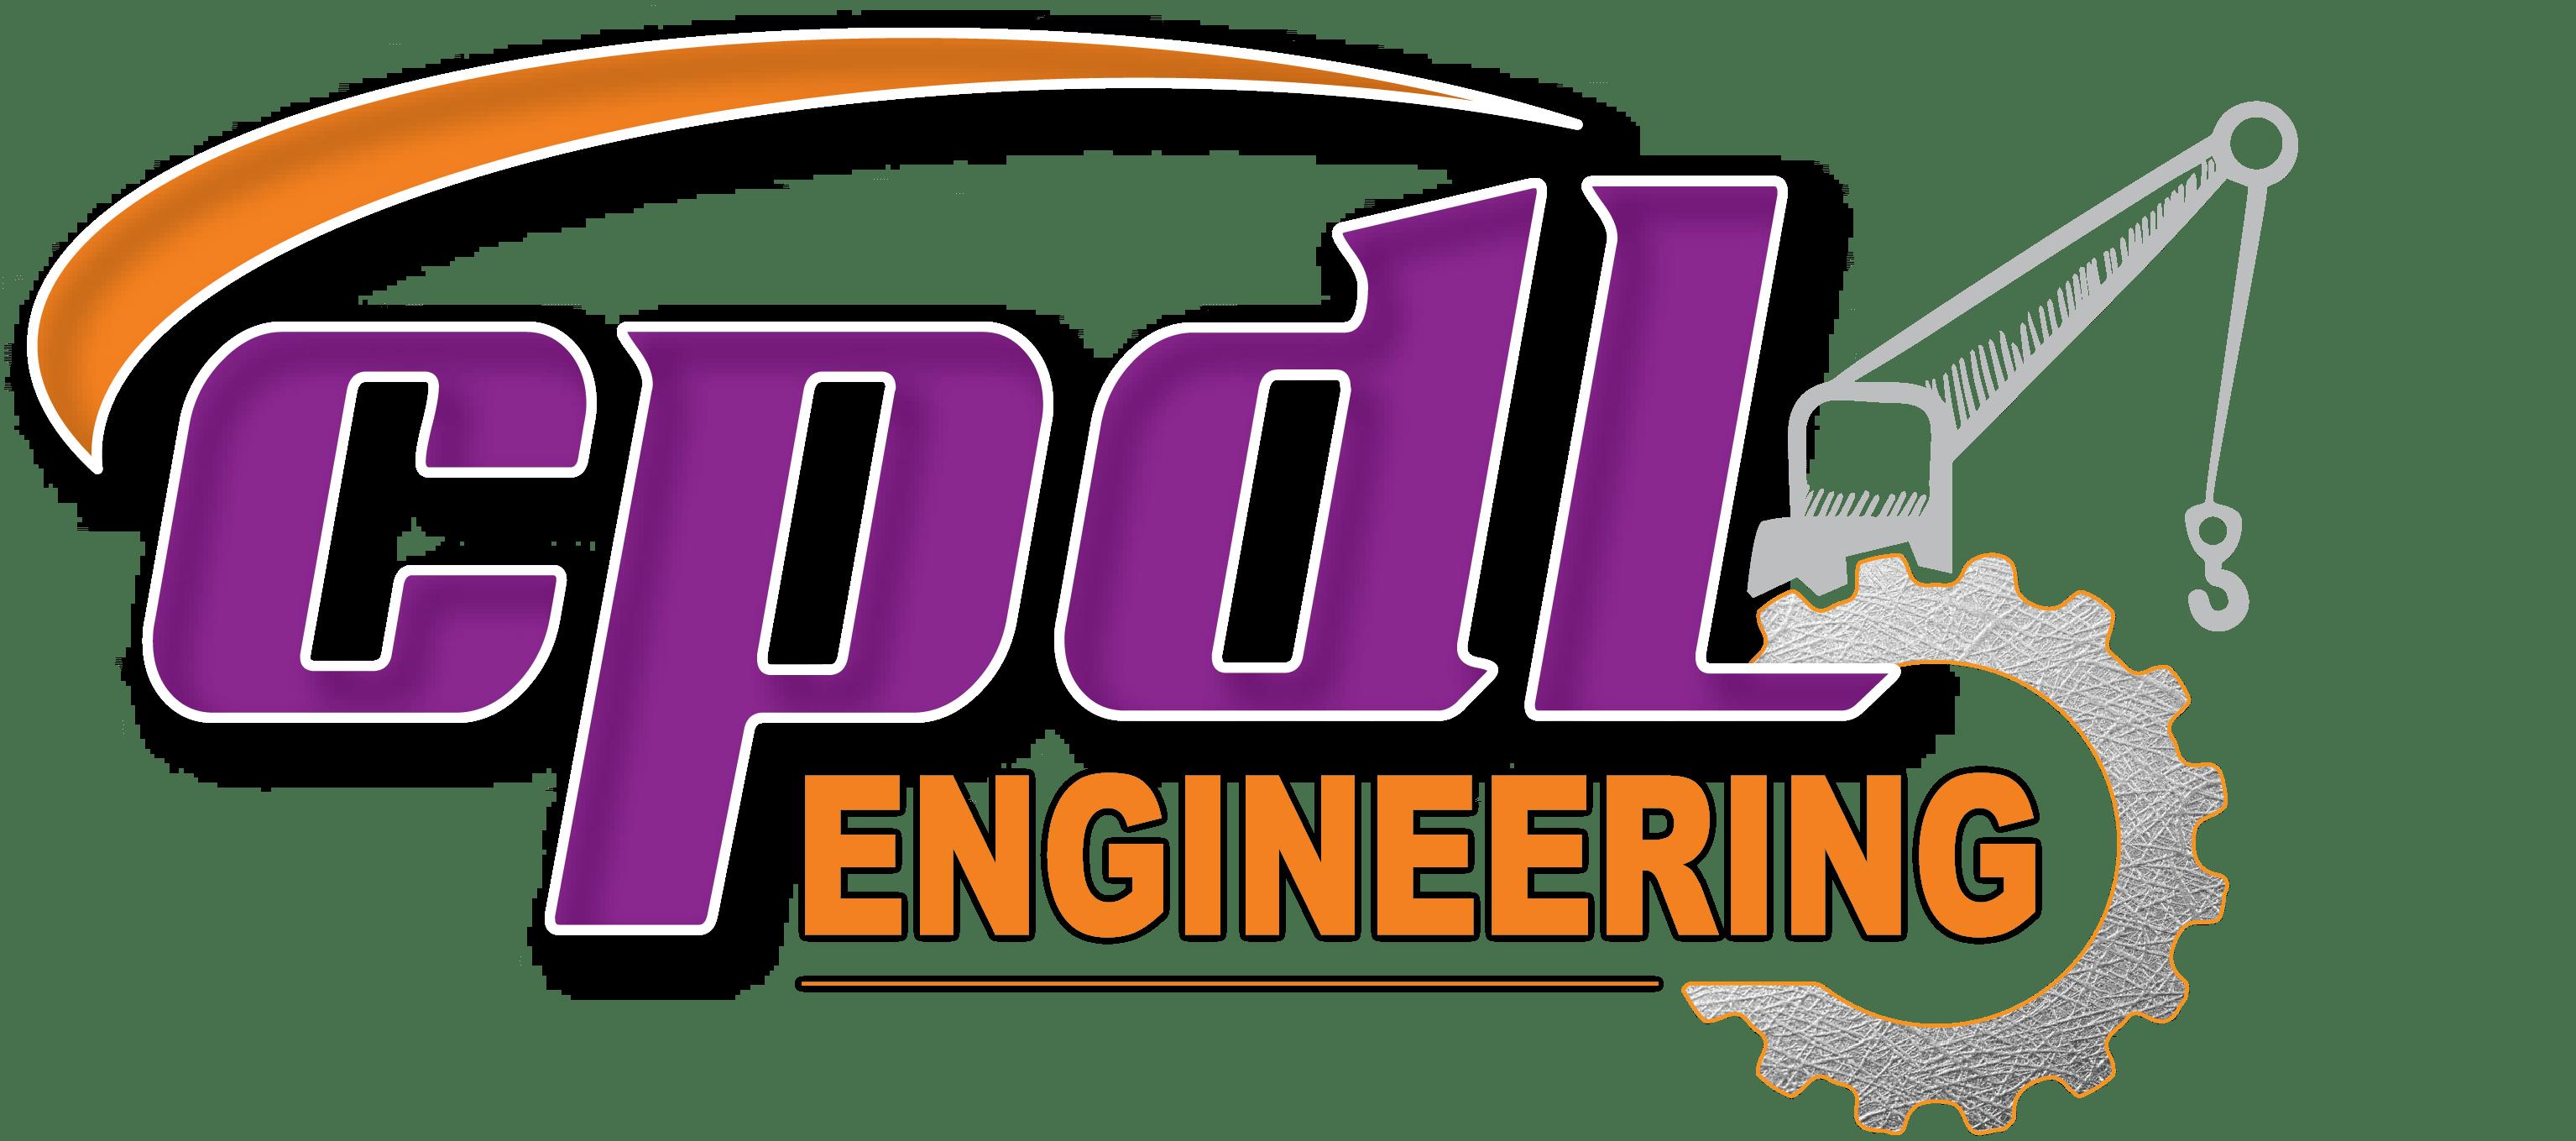 CPDL Engineering